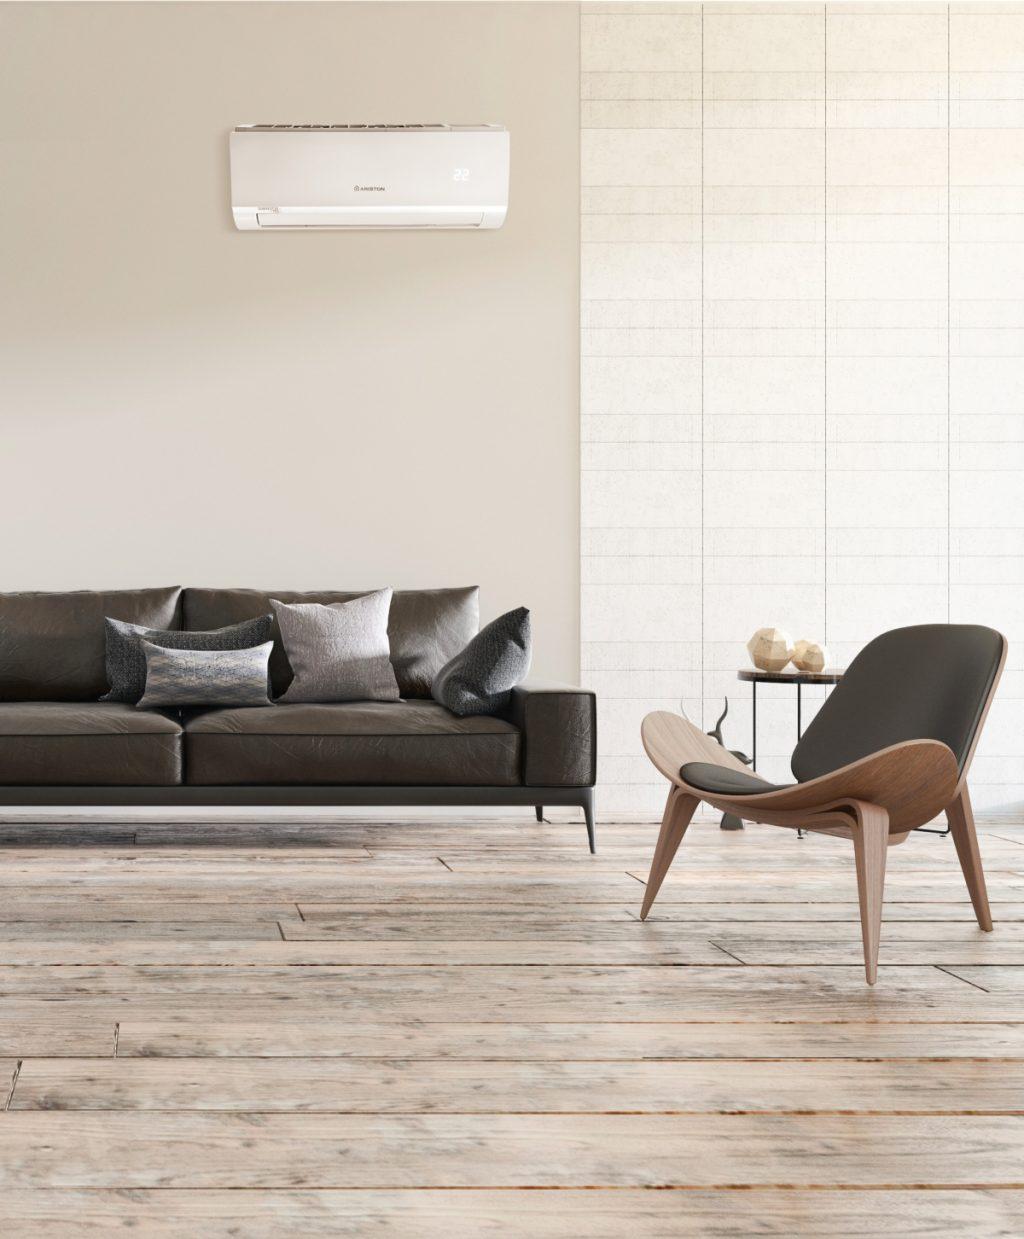 climatizzatore inverter kios ariston